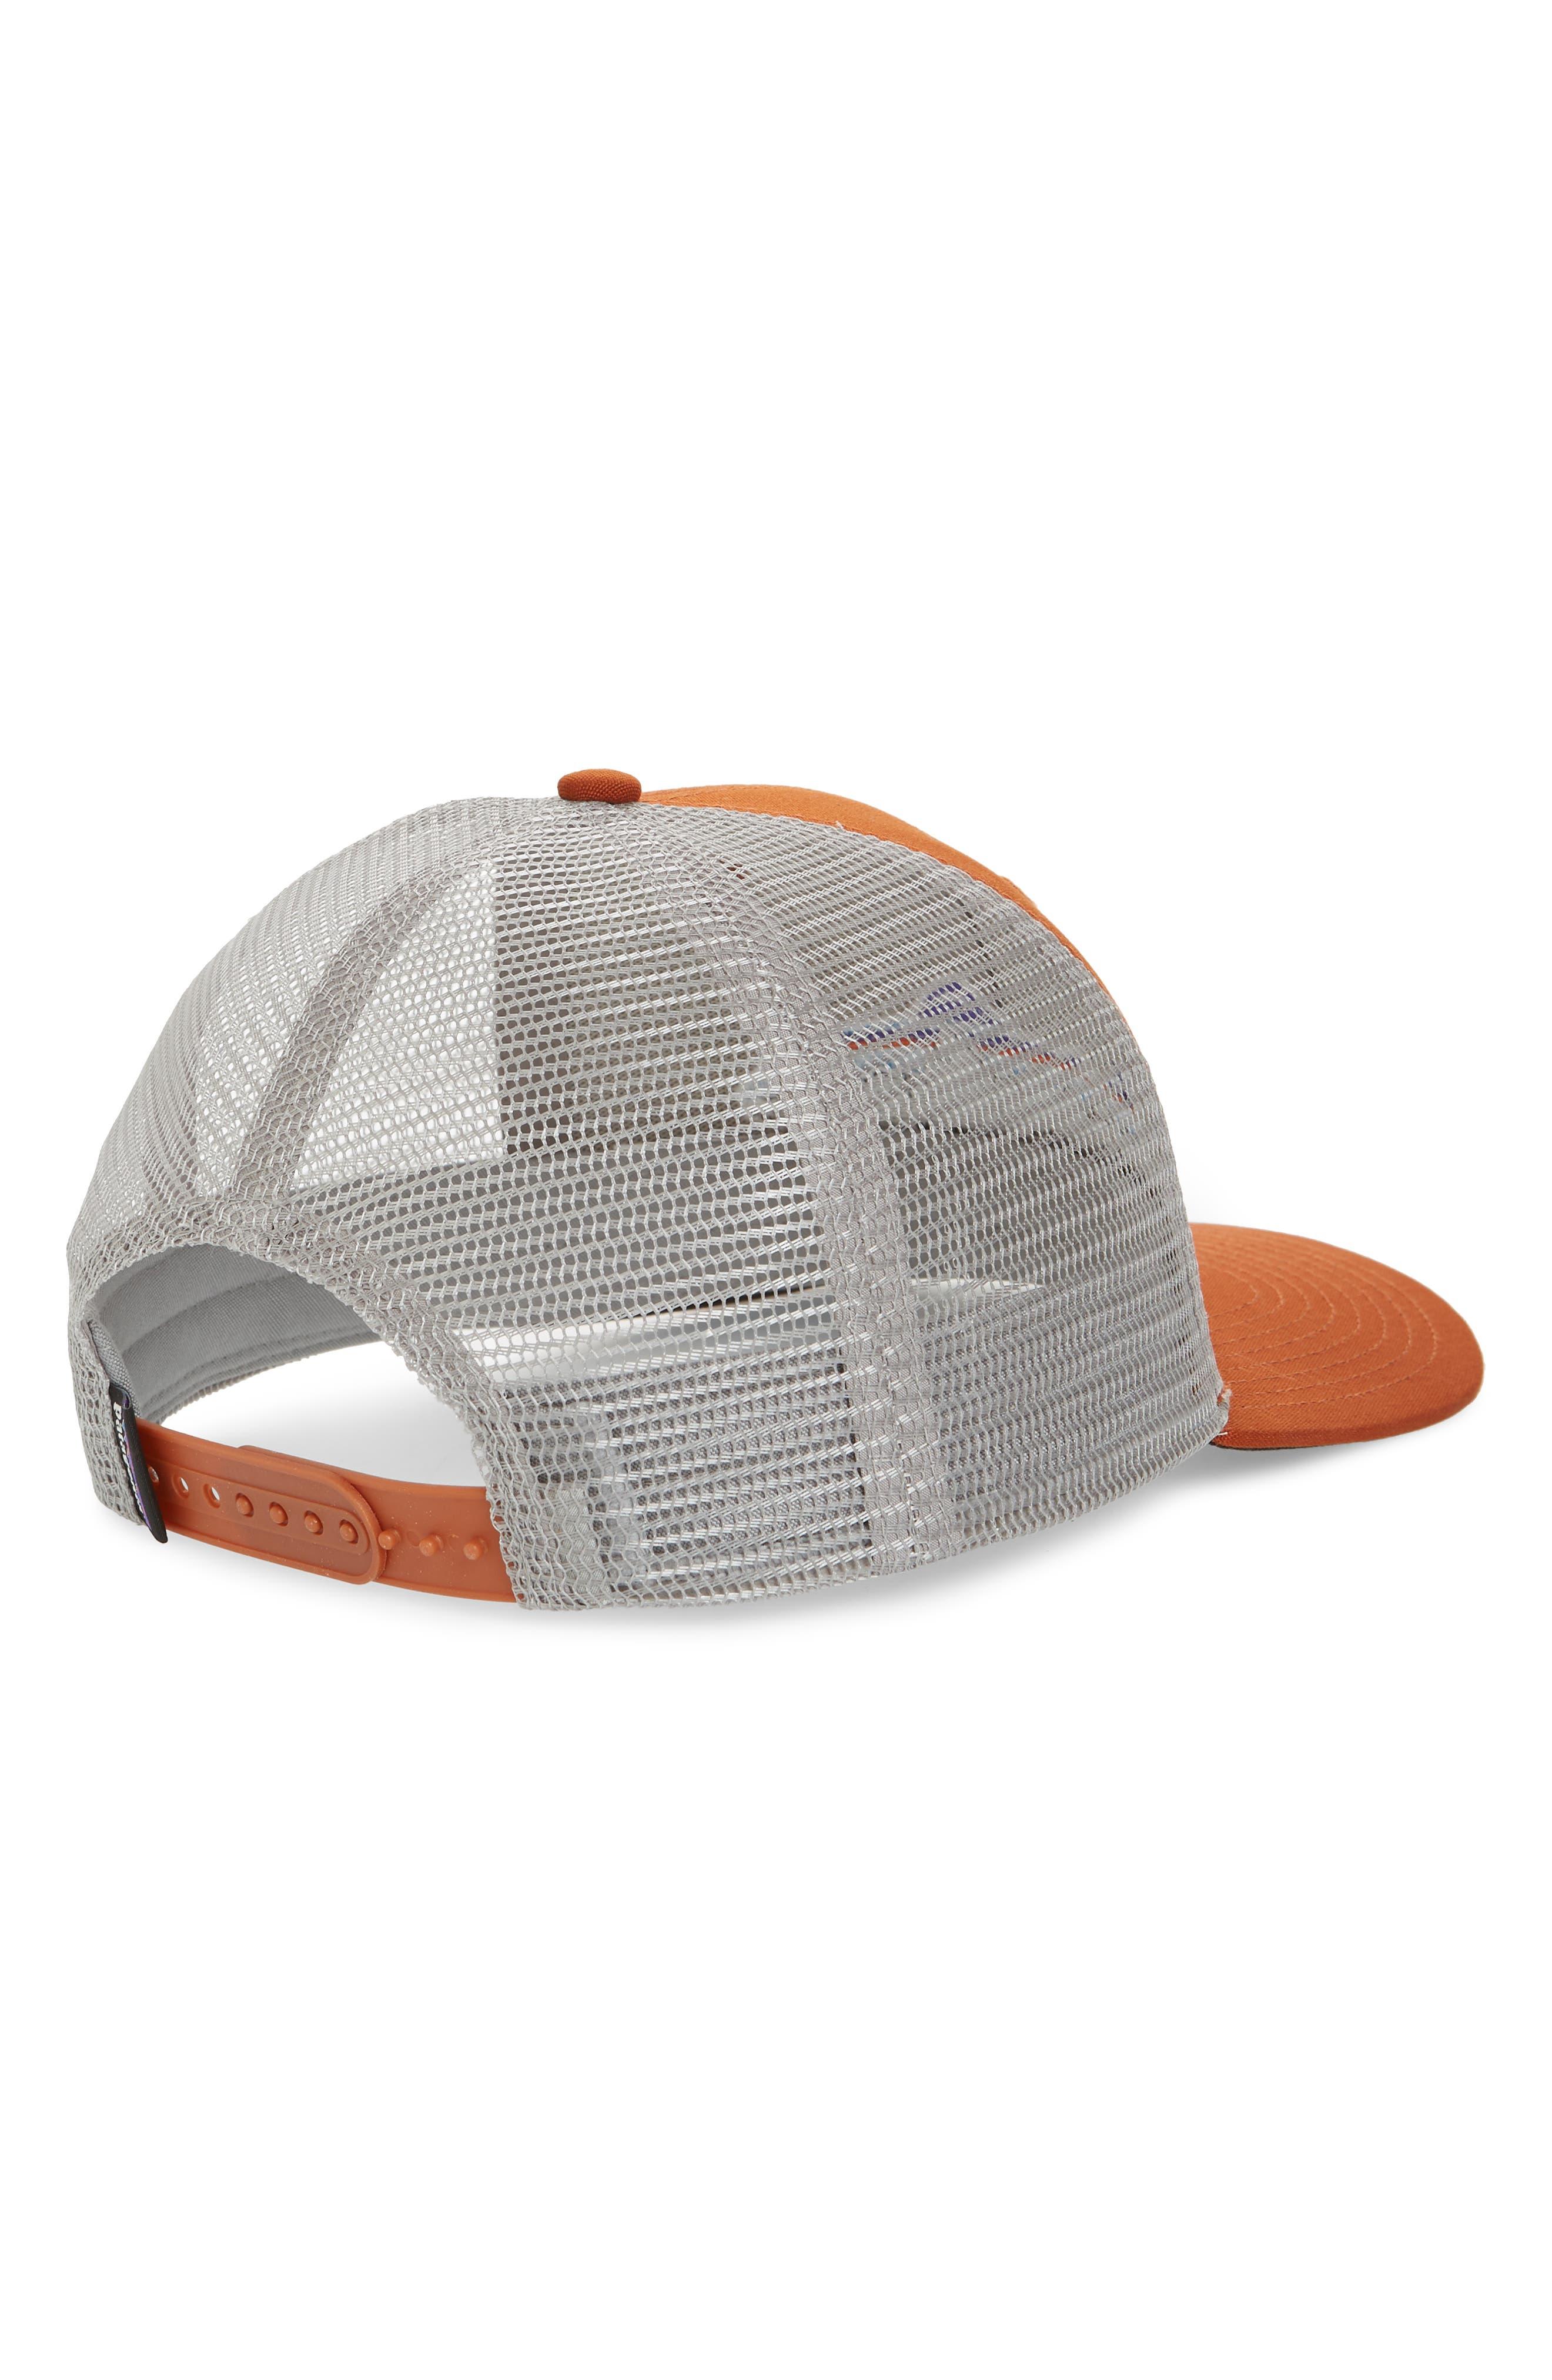 'Fitz Roy - Trout' Trucker Hat,                             Alternate thumbnail 2, color,                             Copper Ore